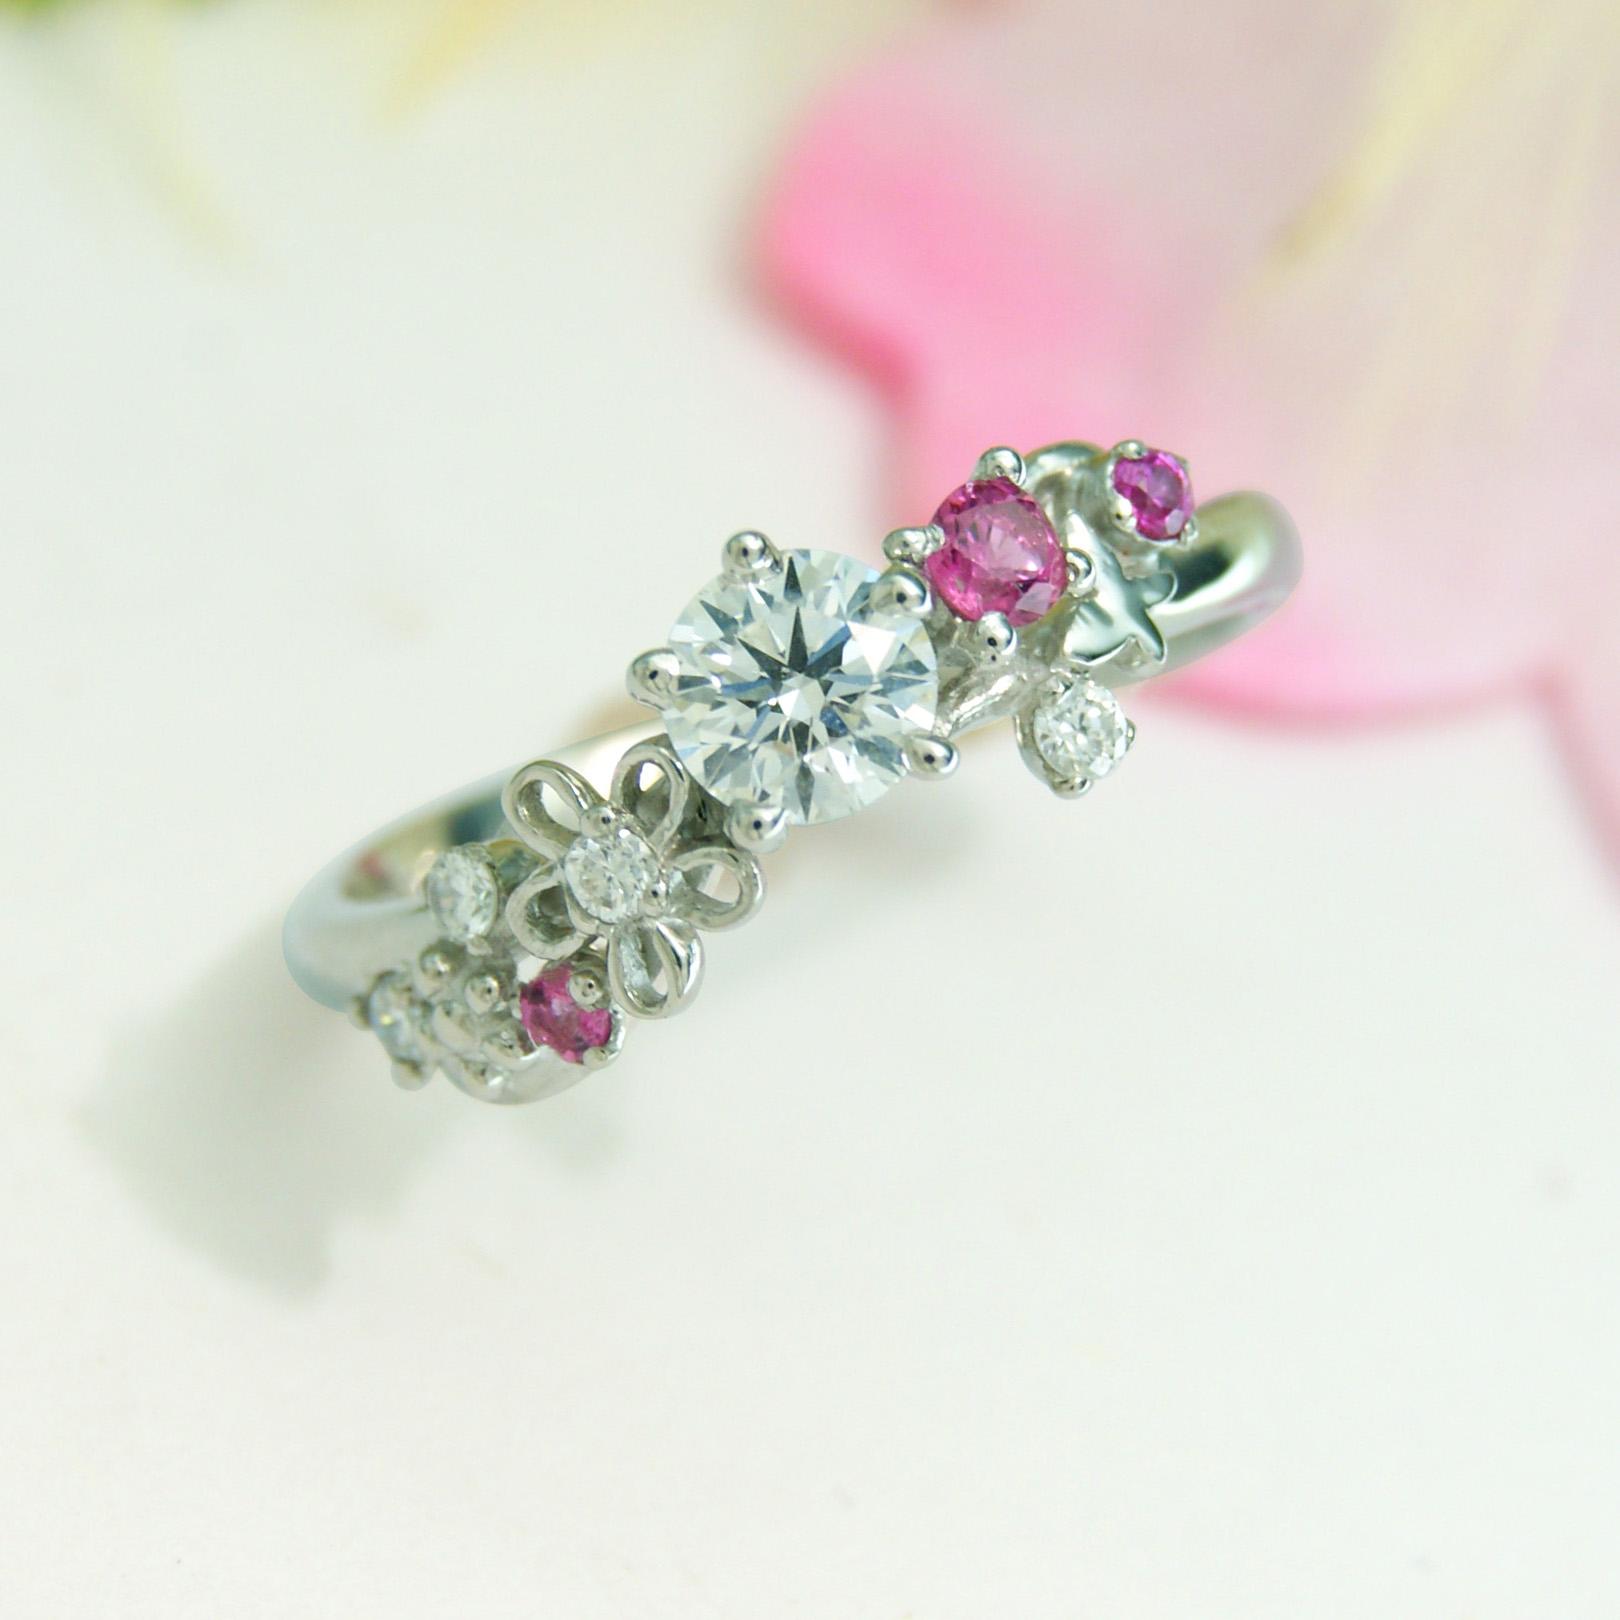 世界に一つだけの結婚指輪 kazariyaYui 福島県郡山市 花 蝶 婚約指輪